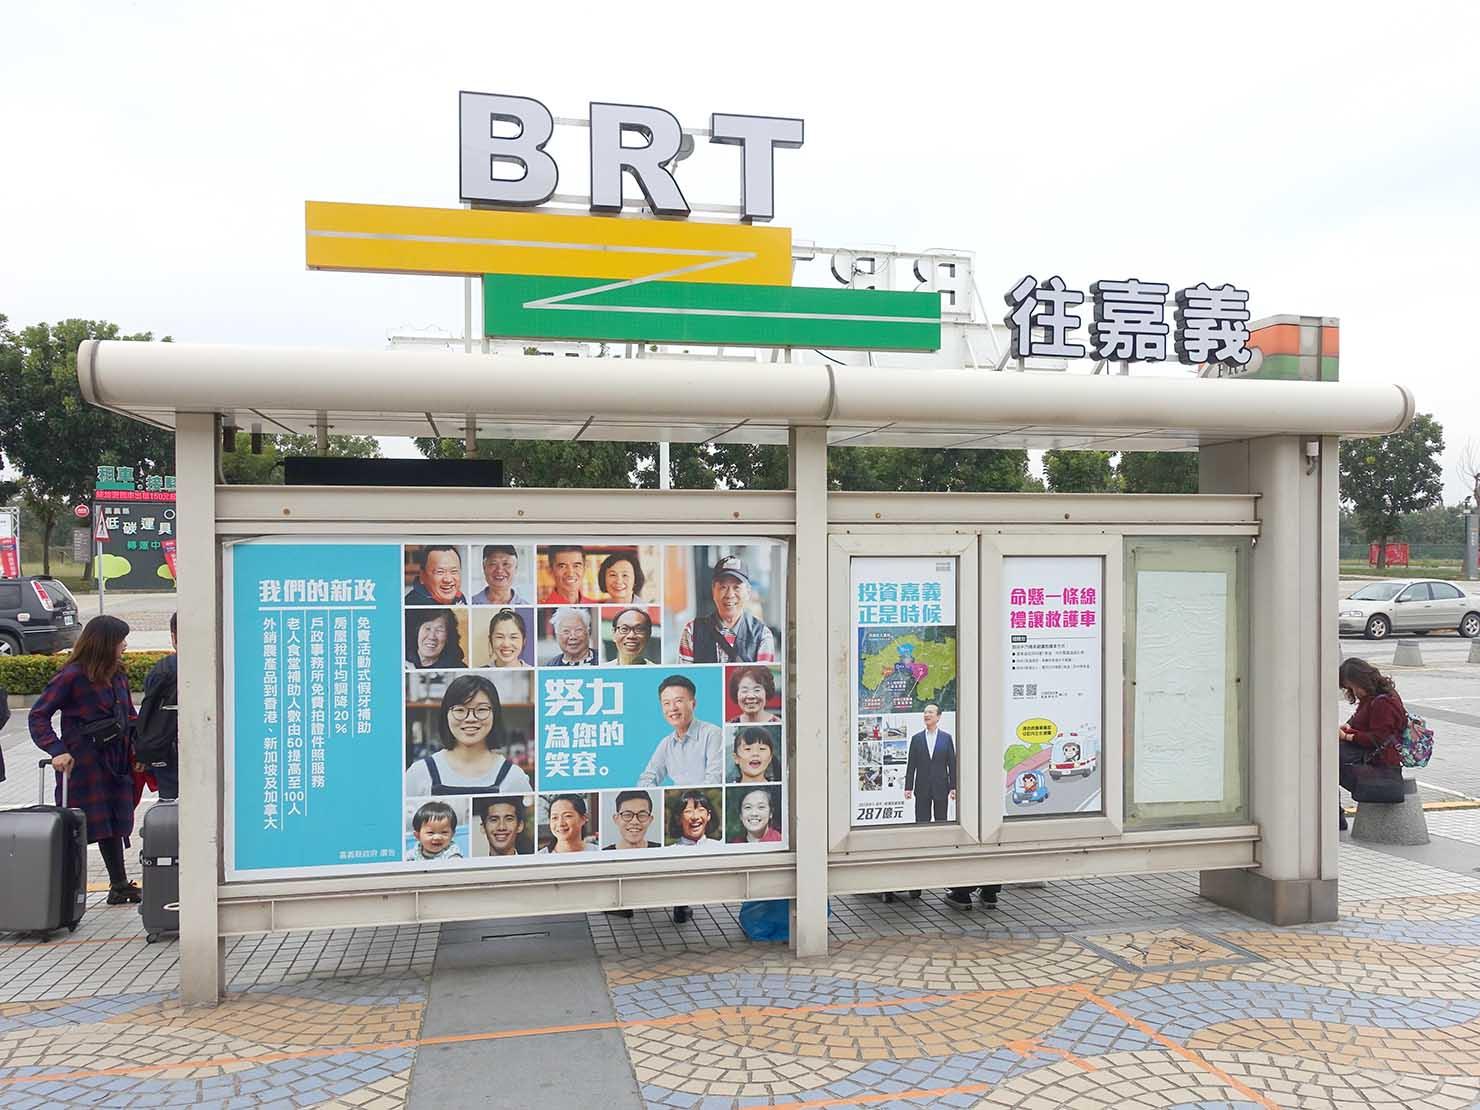 高鐵嘉義駅から嘉義市街へと向かうバス(BRT)の駅